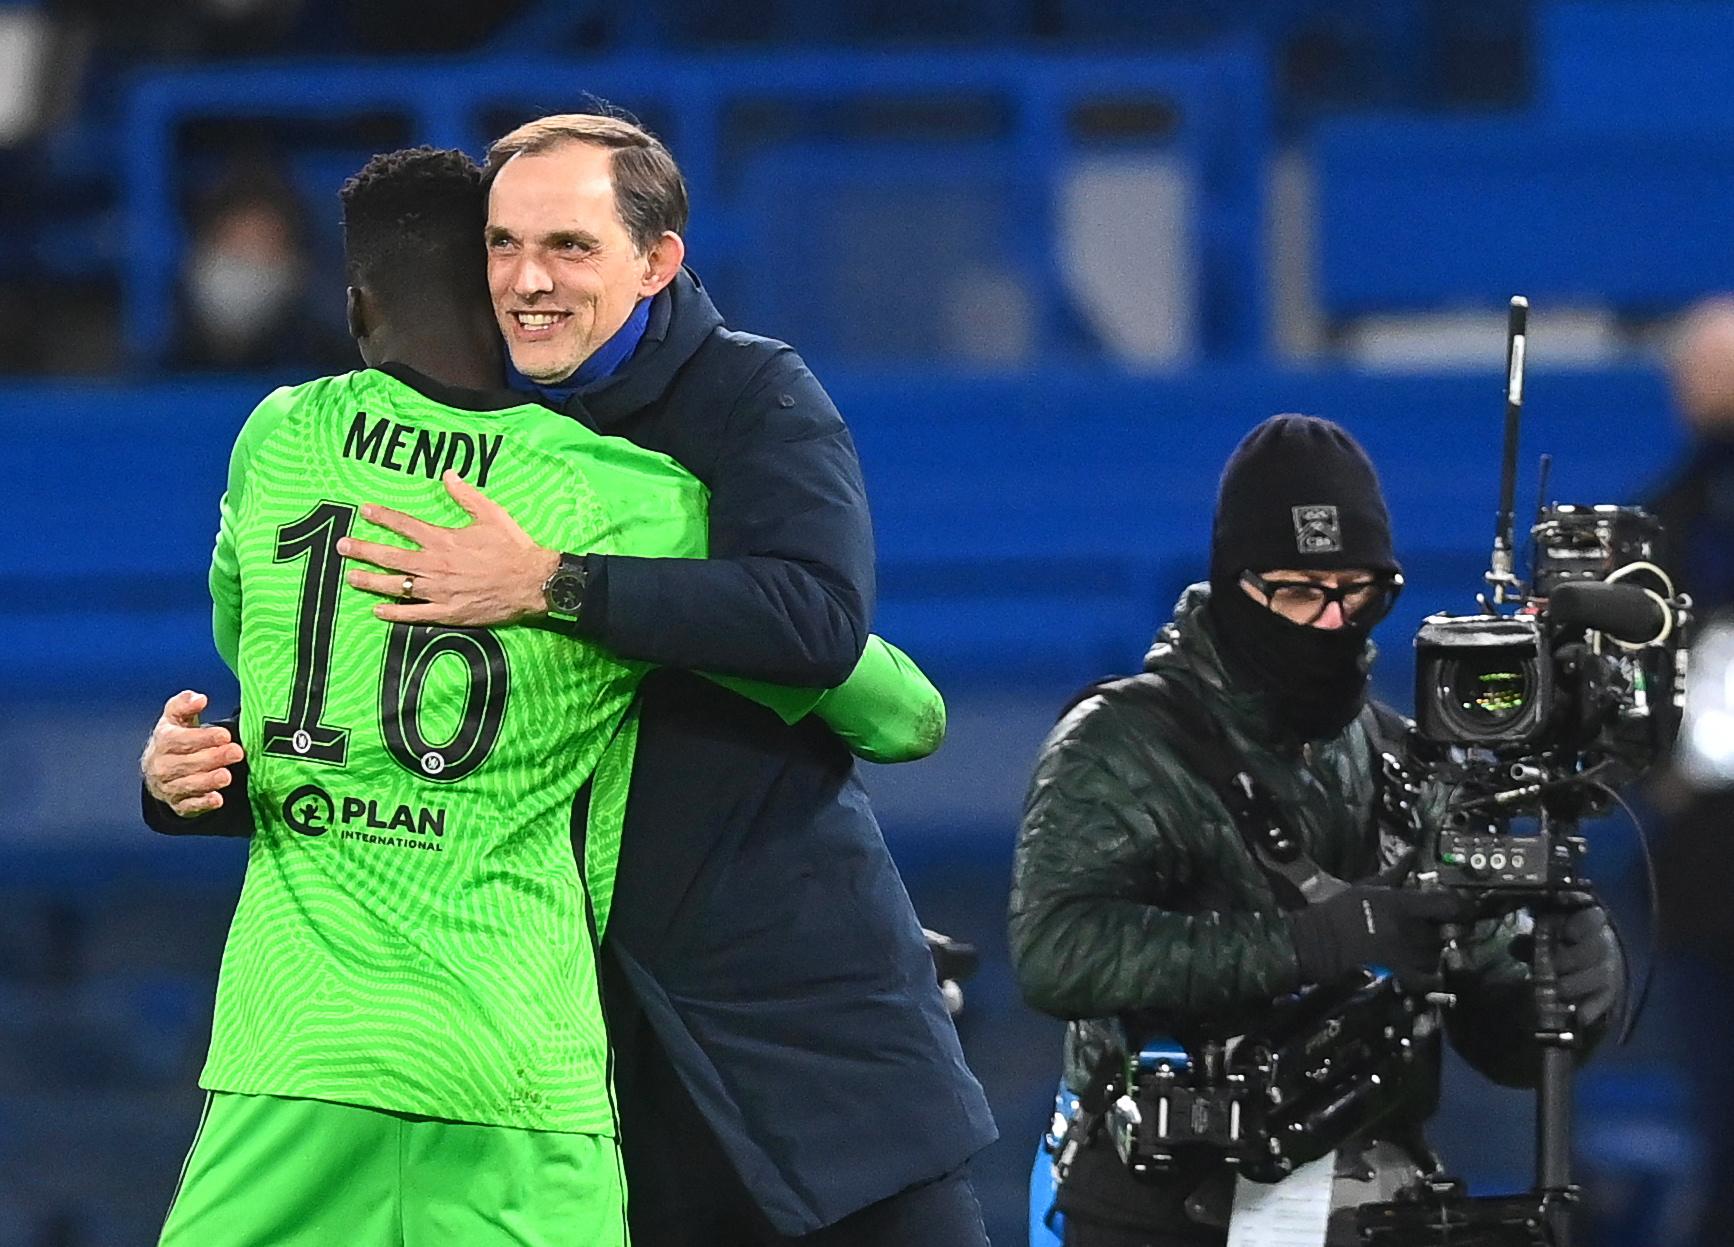 첼시 투헬(가운데) 감독이 챔피언스리그 8강에 진출한 뒤 골키퍼 멘디(왼쪽)를 안아주고 있다. [EPA=연합뉴스]